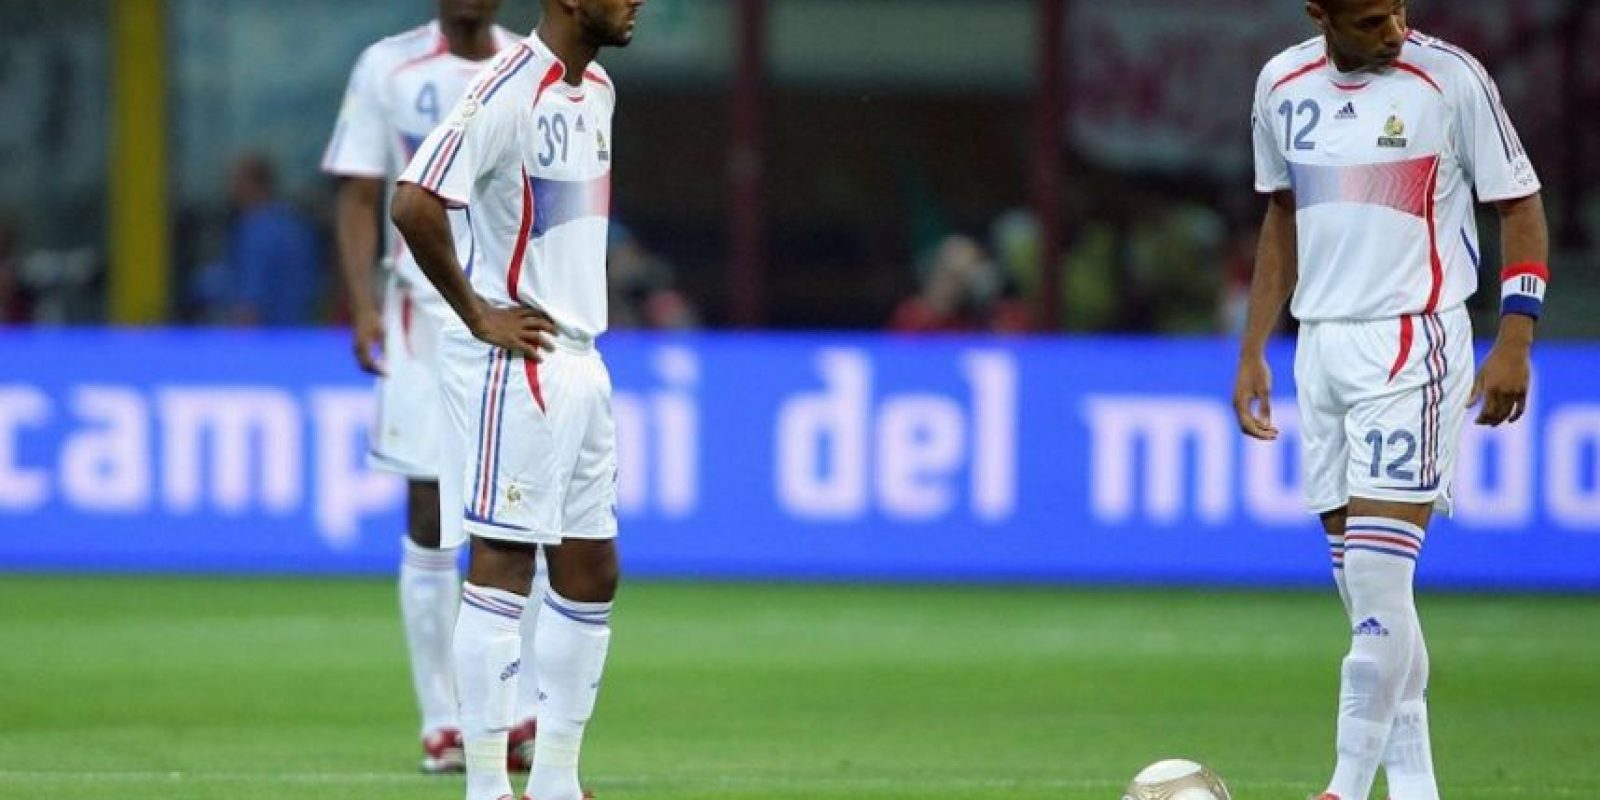 Nicolás Anelka, exjugador de equipos como Arsenal, Chelsea y Real Madrid, compartió una vergonzosa experiencia. Foto:AFP